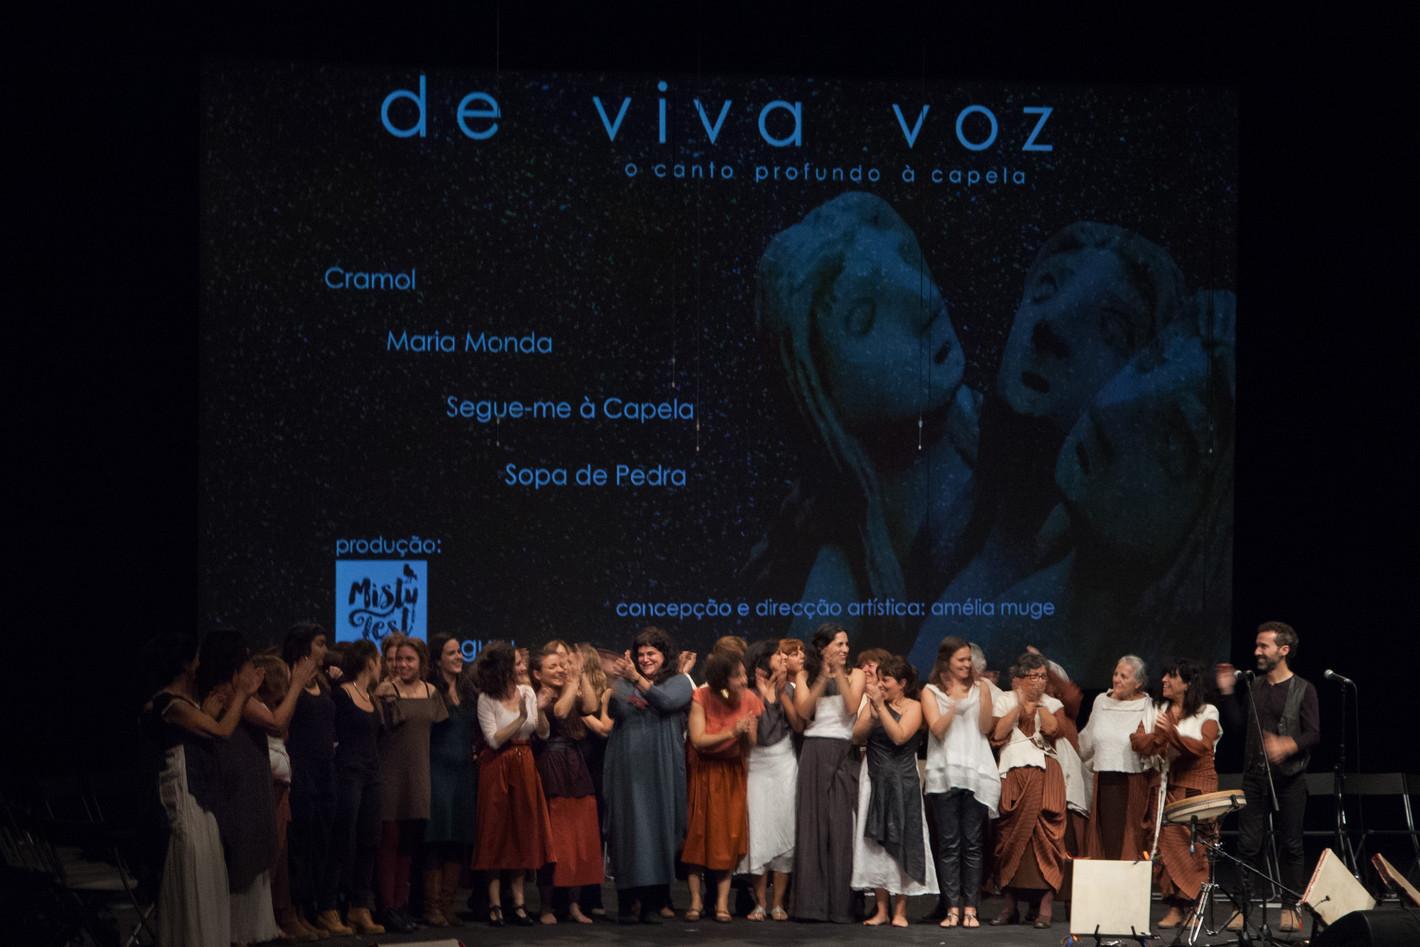 De Viva Voz